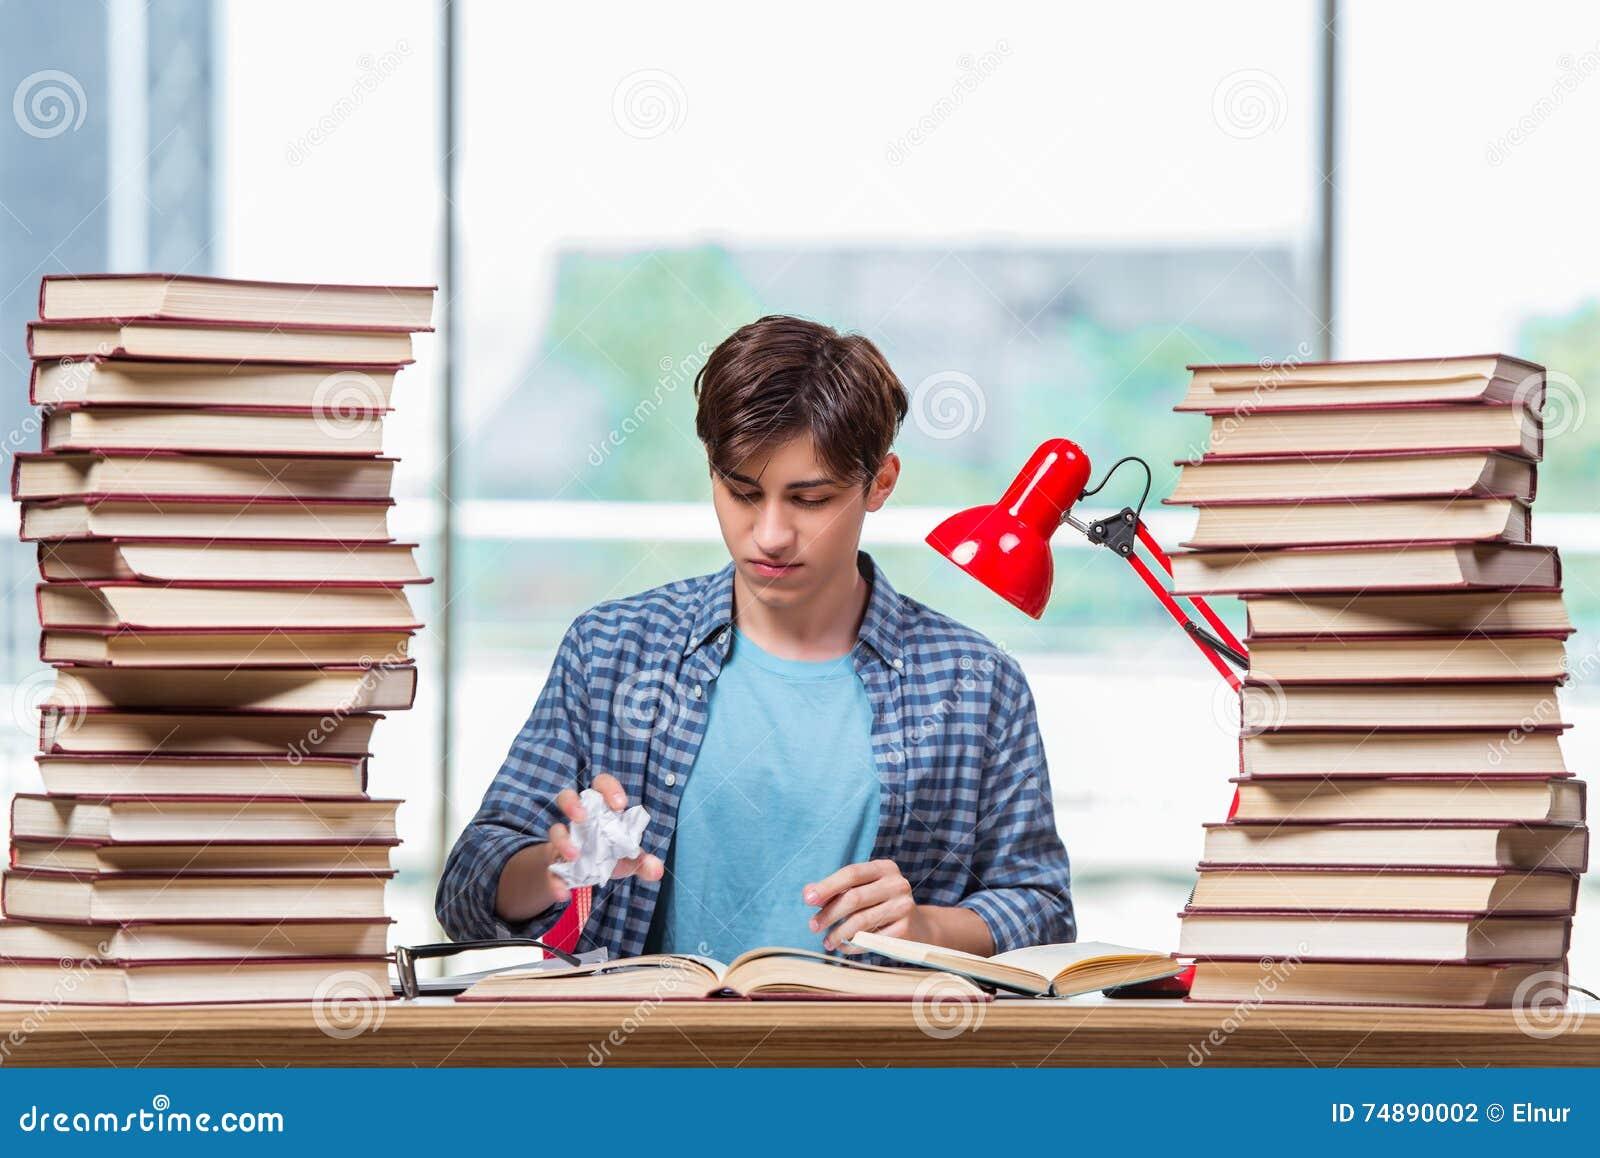 O estudante novo sob o esforço antes dos exames